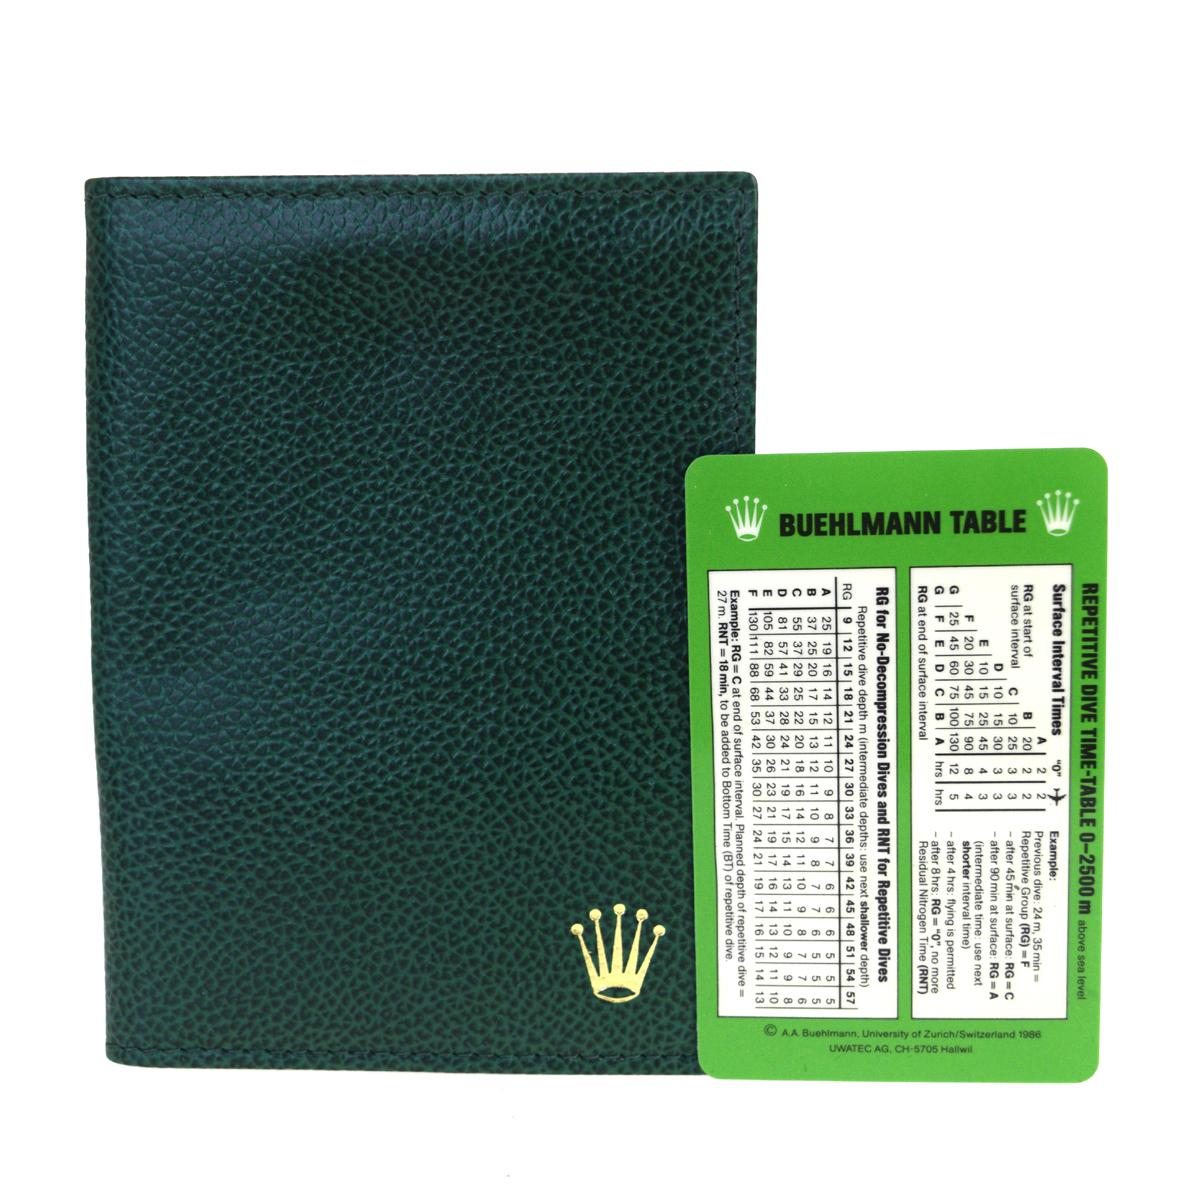 【中古】 (Unspecified) ロレックス レザー カードケース グリーン 03GC132